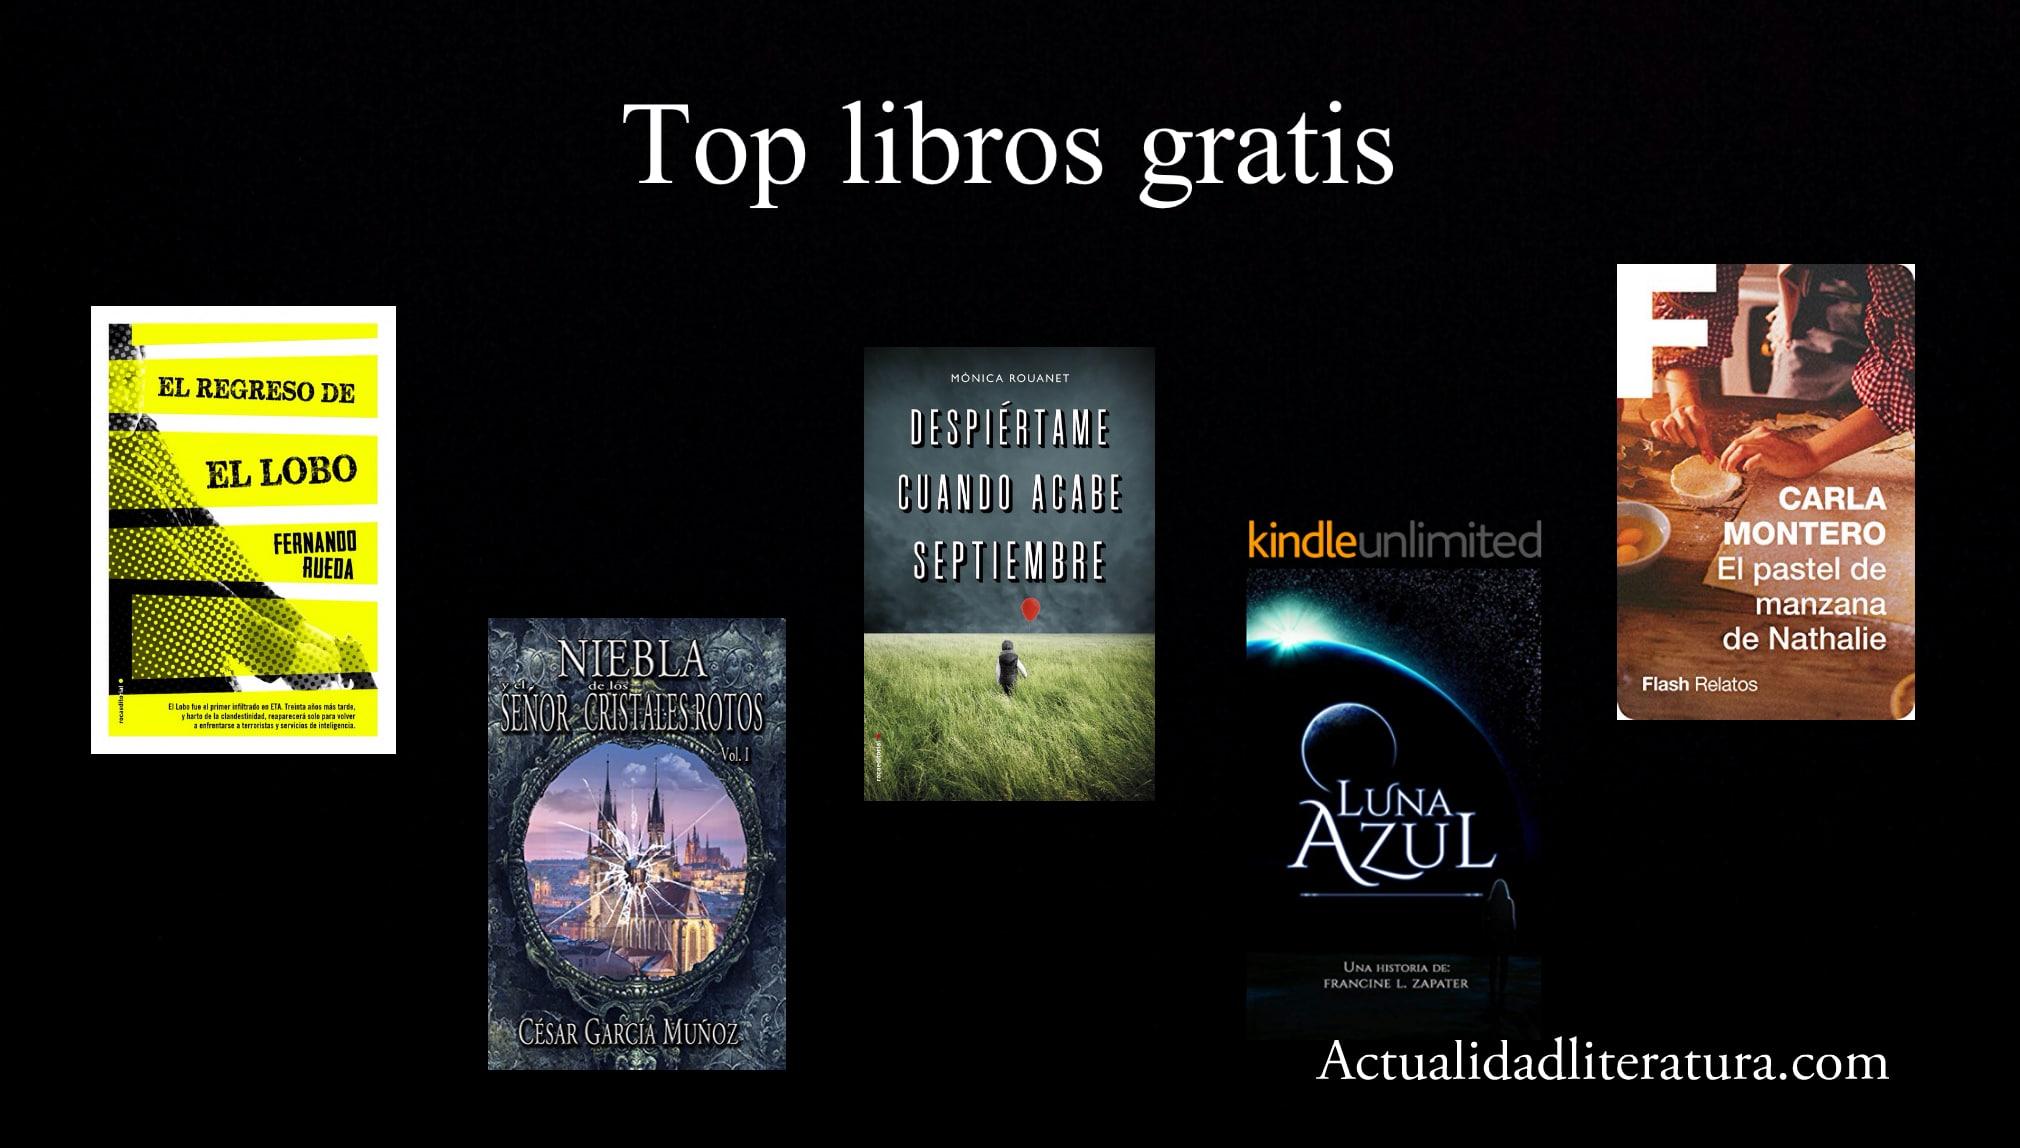 Top libros gratis